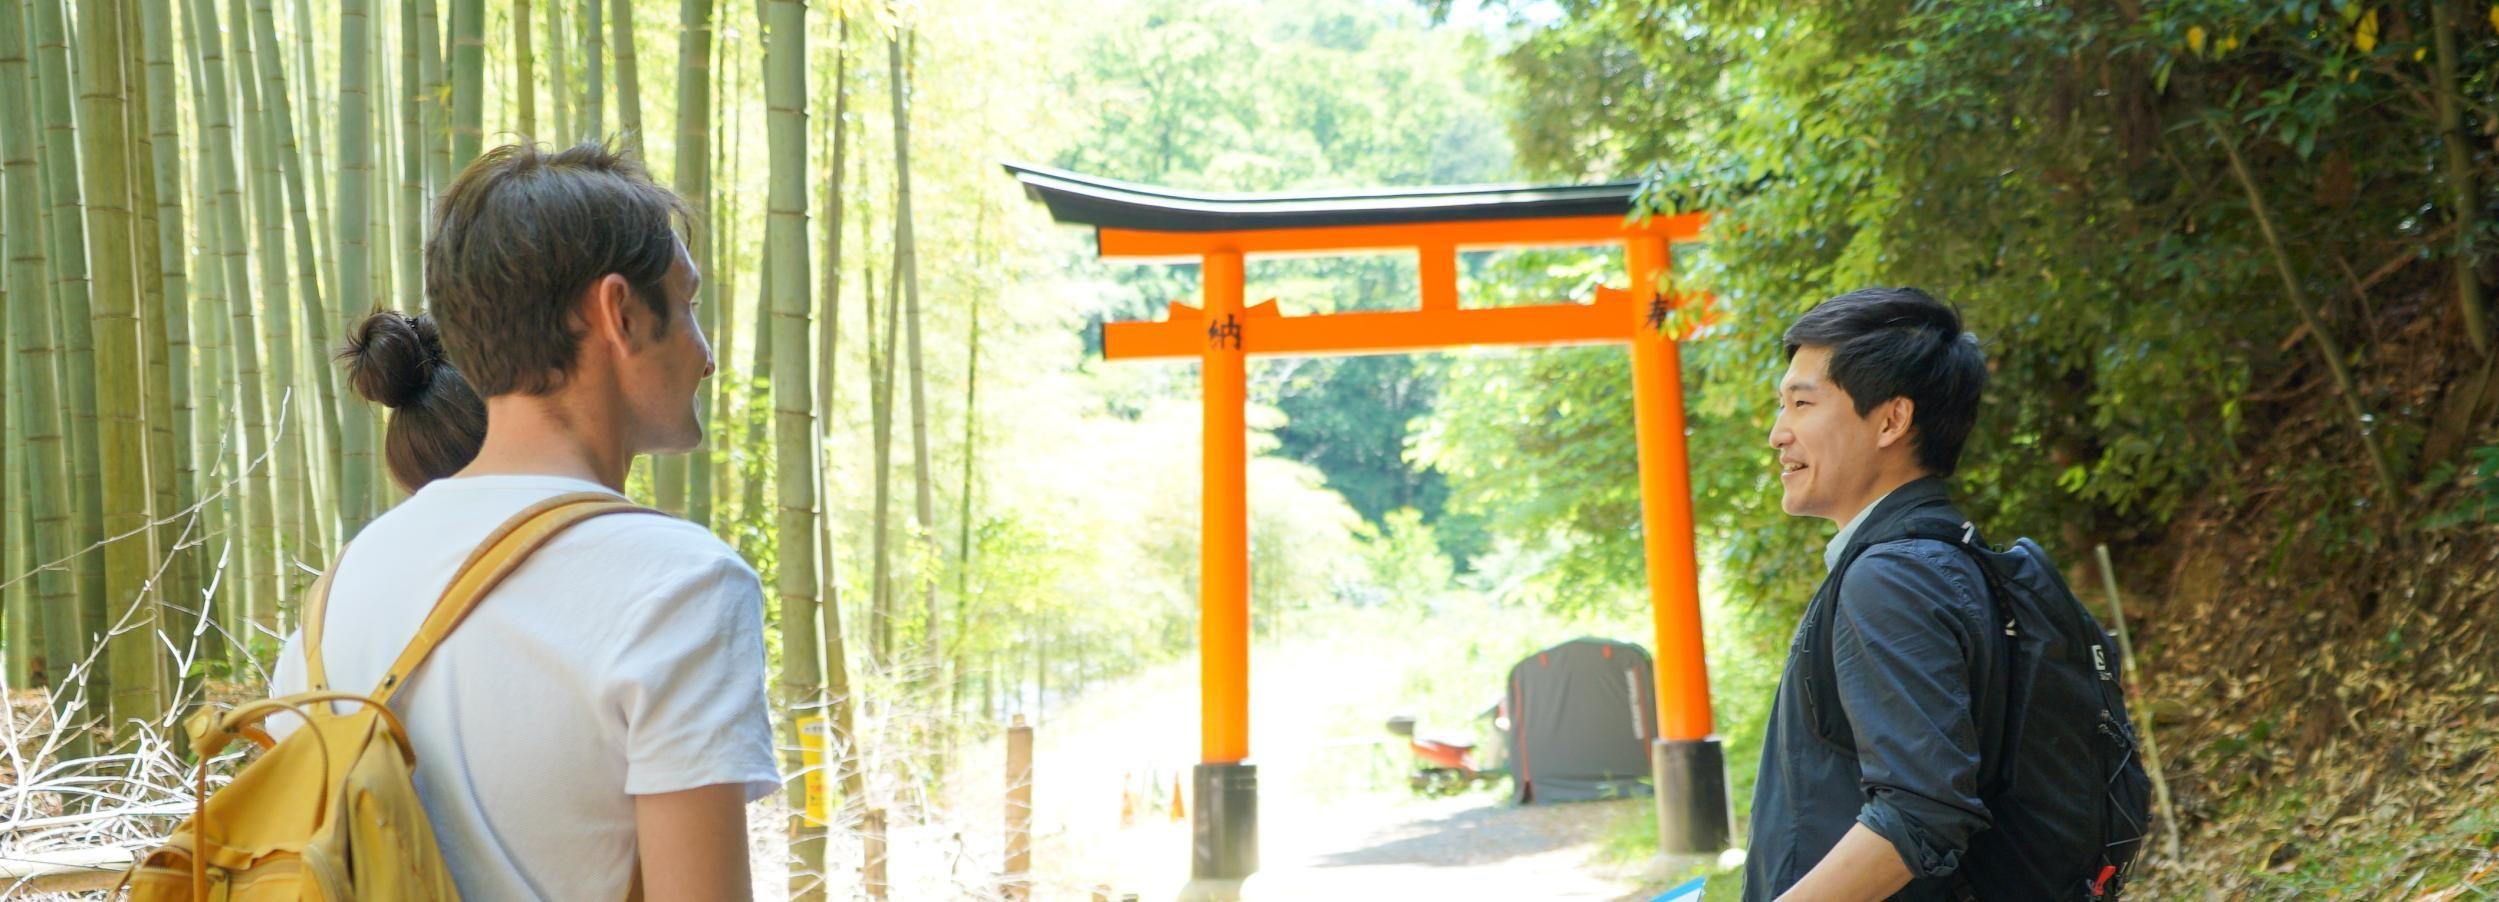 Kioto: tour de senderismo oculto de 3 horas por el santuario Fushimi Inari